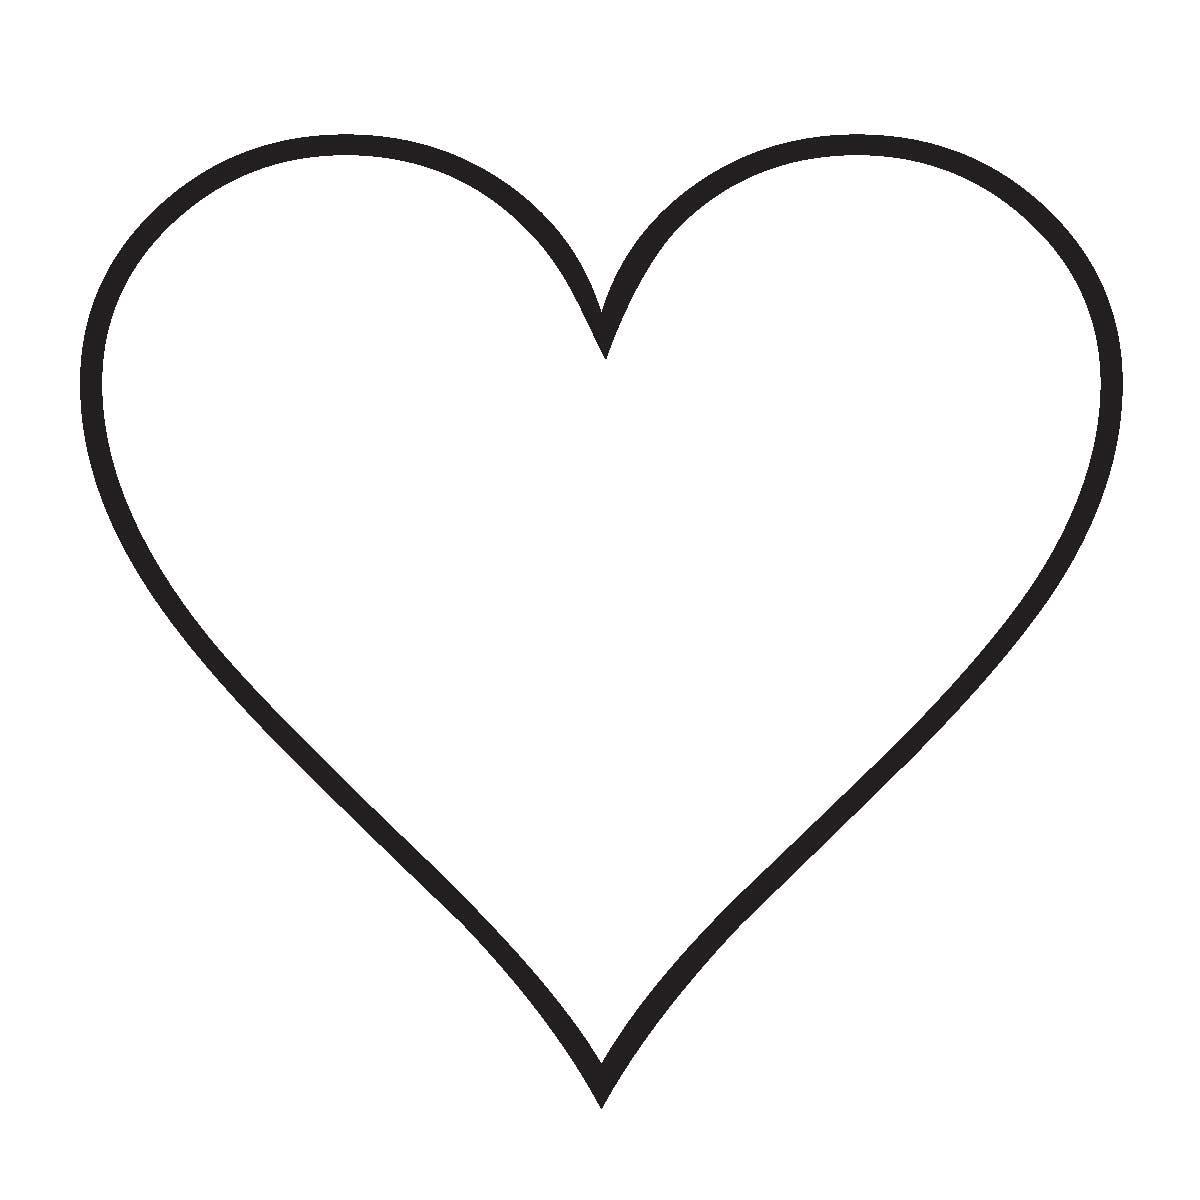 Imagenes de corazones para colorear